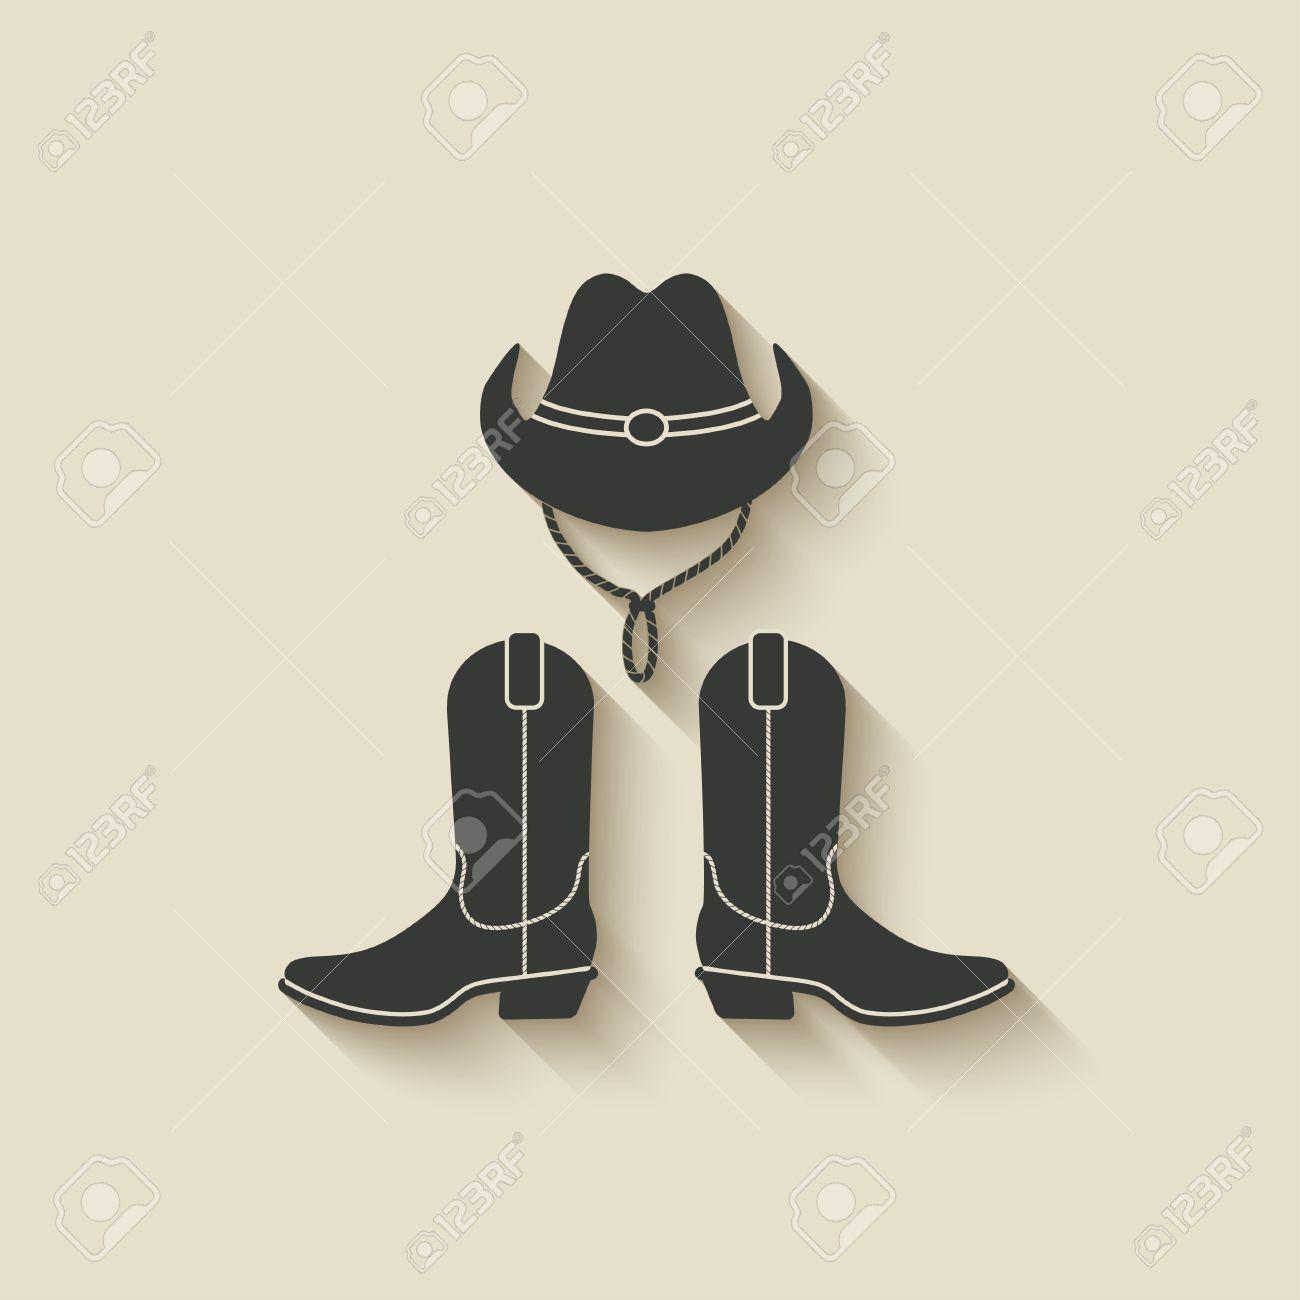 Botas y sombrero vaquero icono - ilustración vectorial. eps 10 Foto de  archivo - 28926833 a689ccb4709